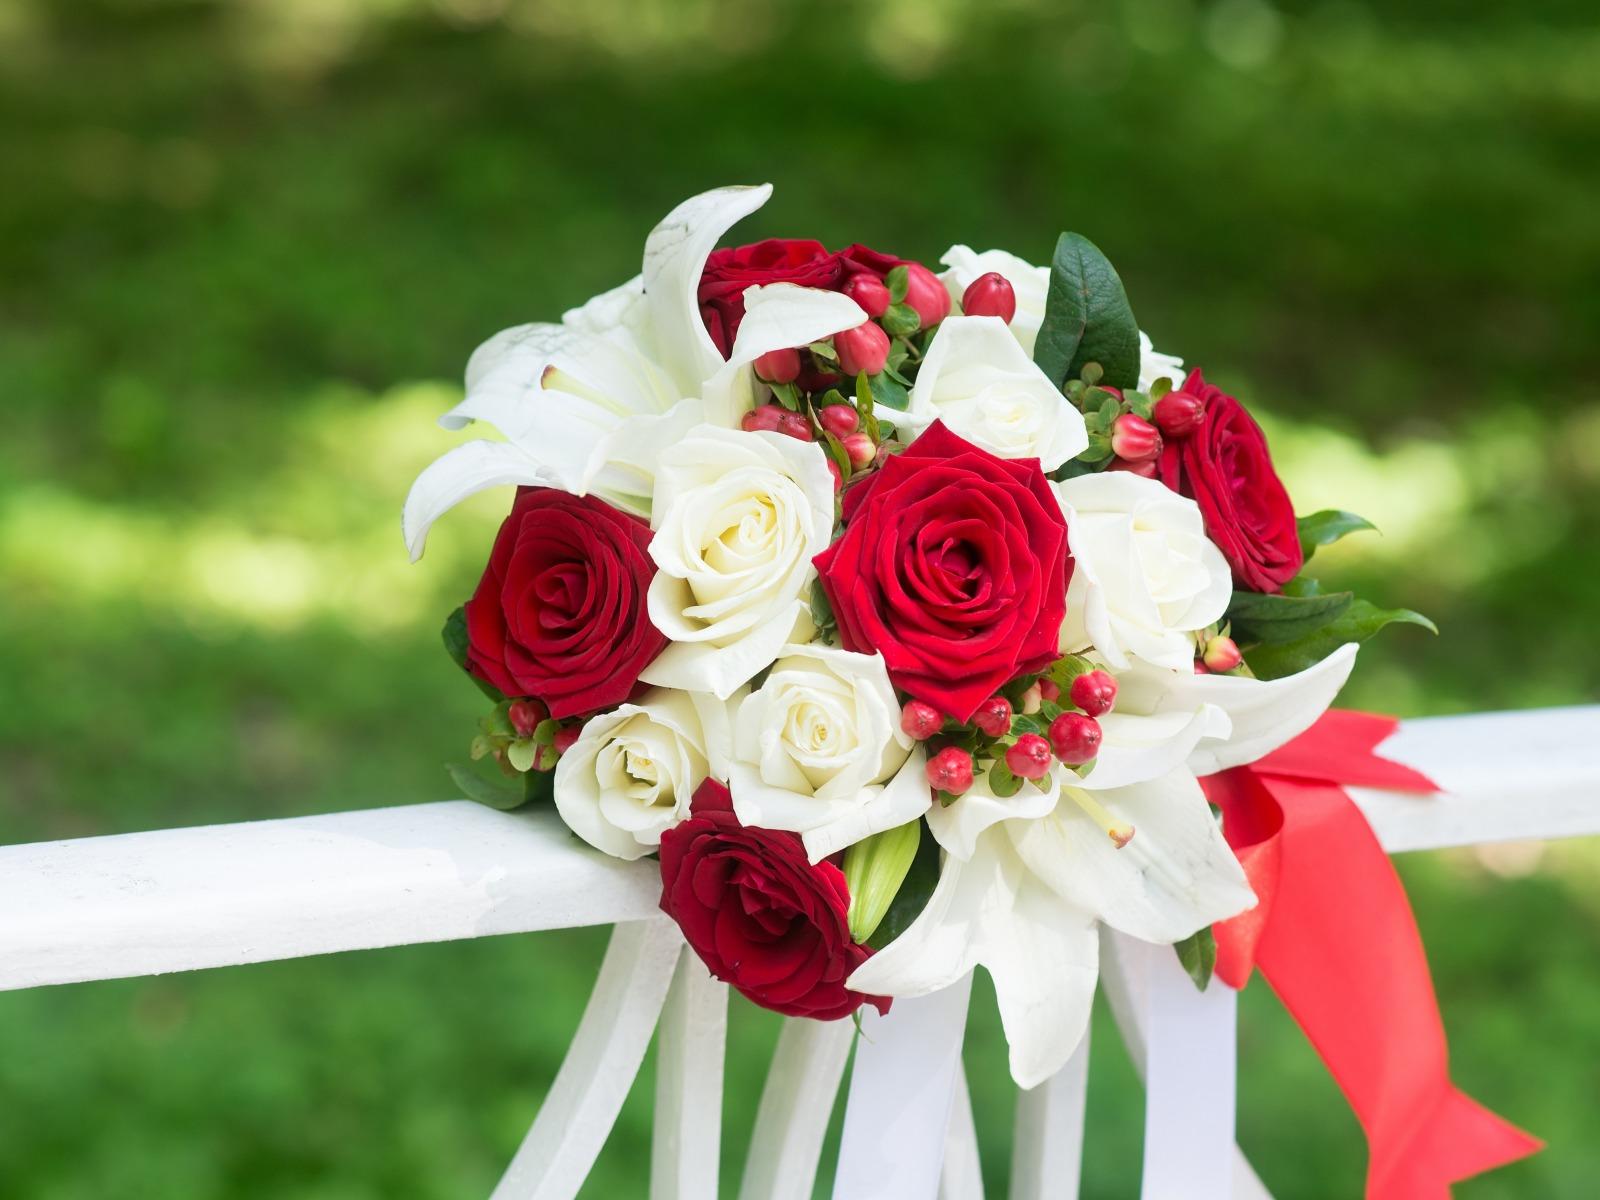 بالصور اجمل بوكيه ورد , اجمل الورود 2019 3254 6